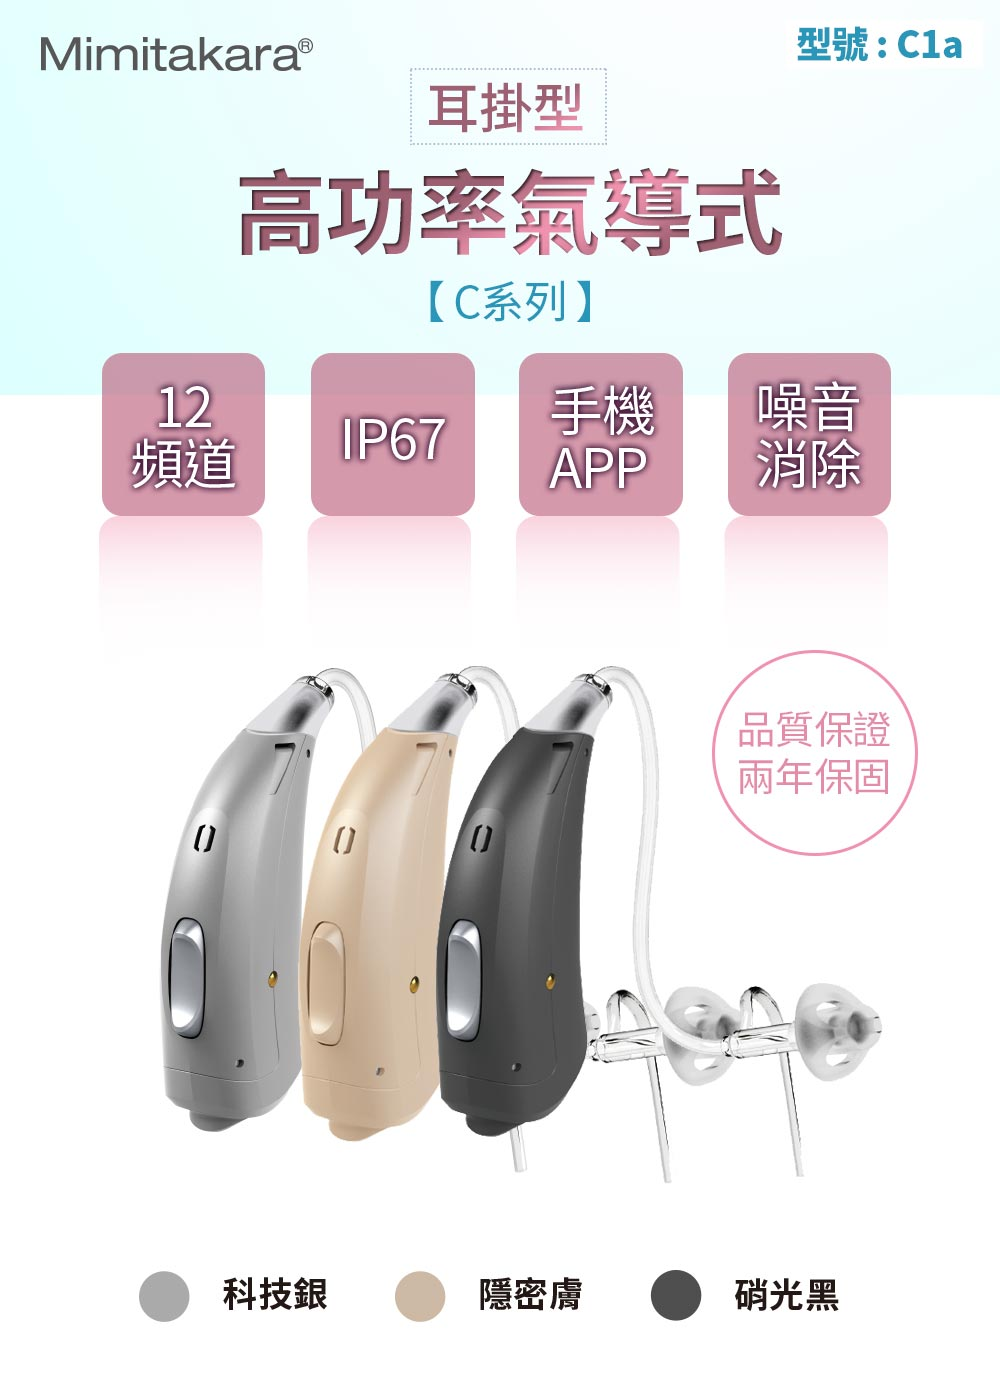 耳寶,C1a,補助資訊,助聽器